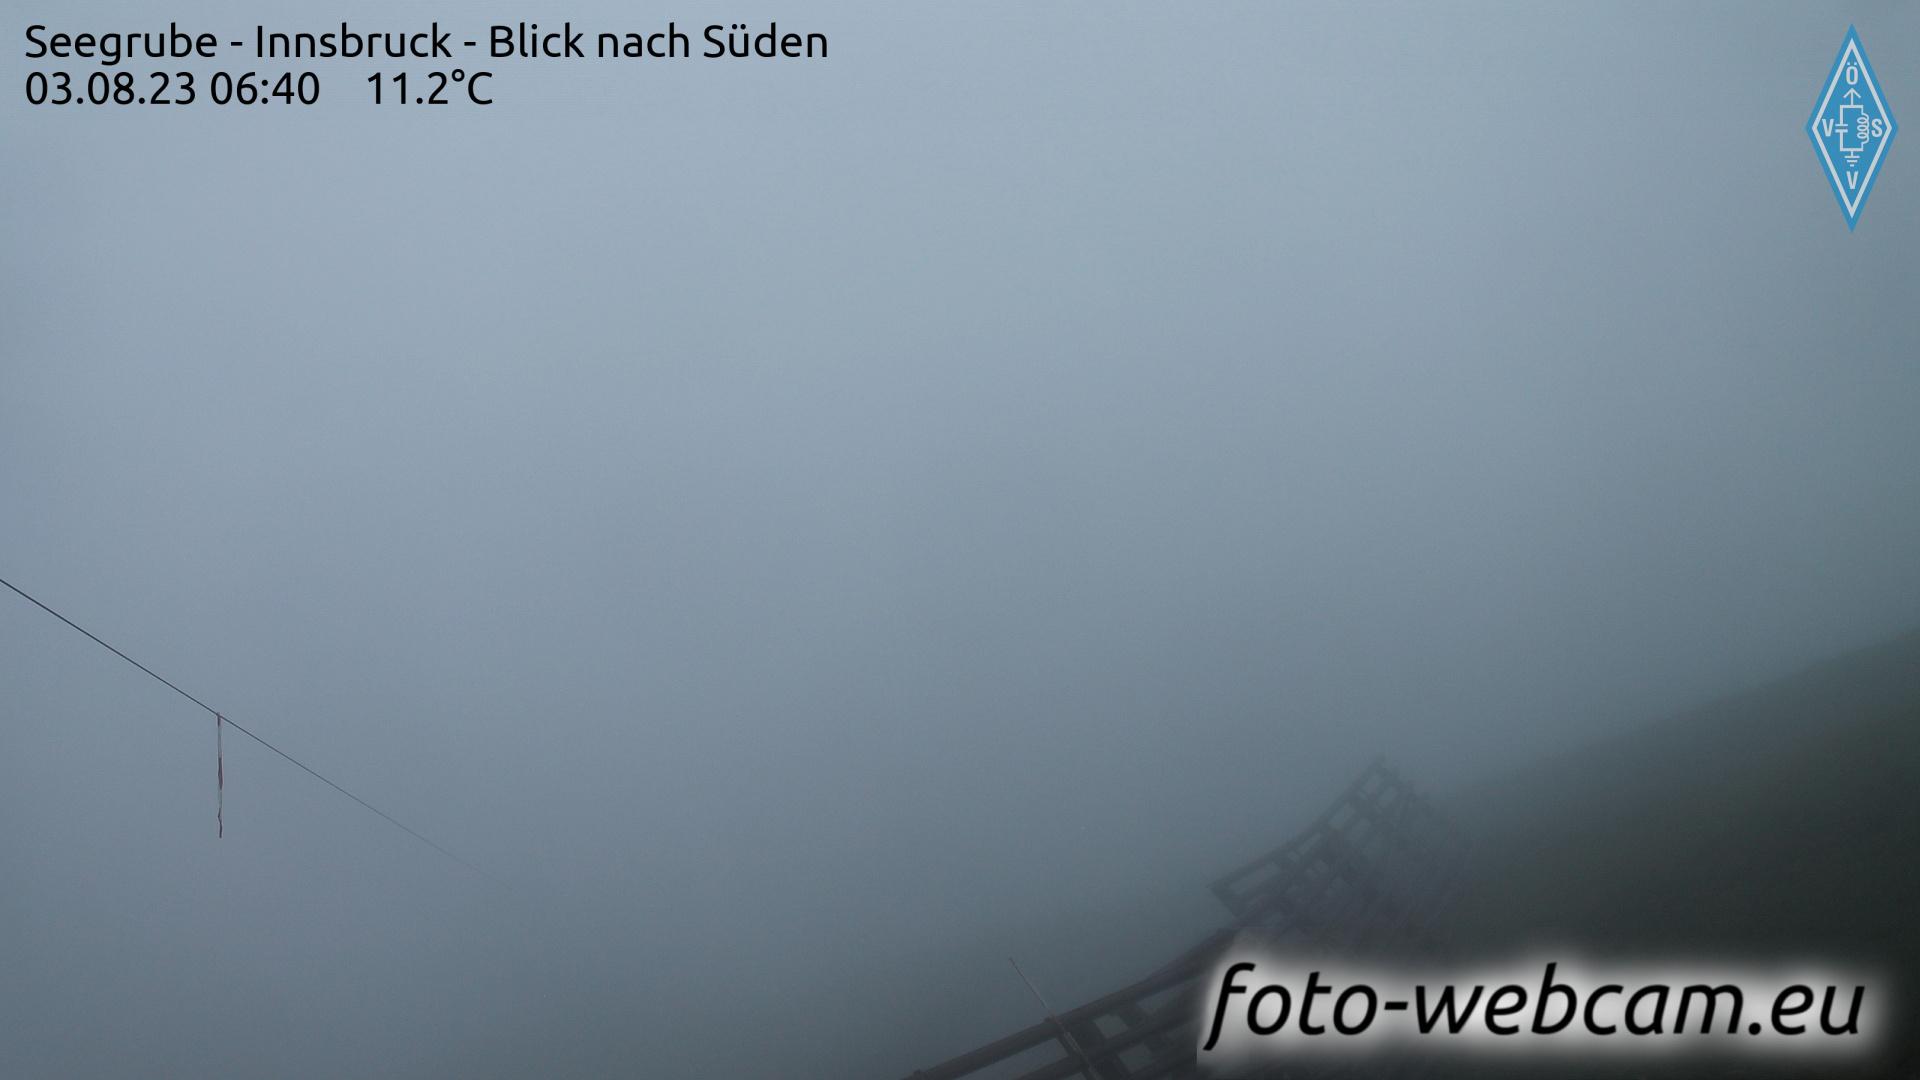 Innsbruck Thu. 06:18